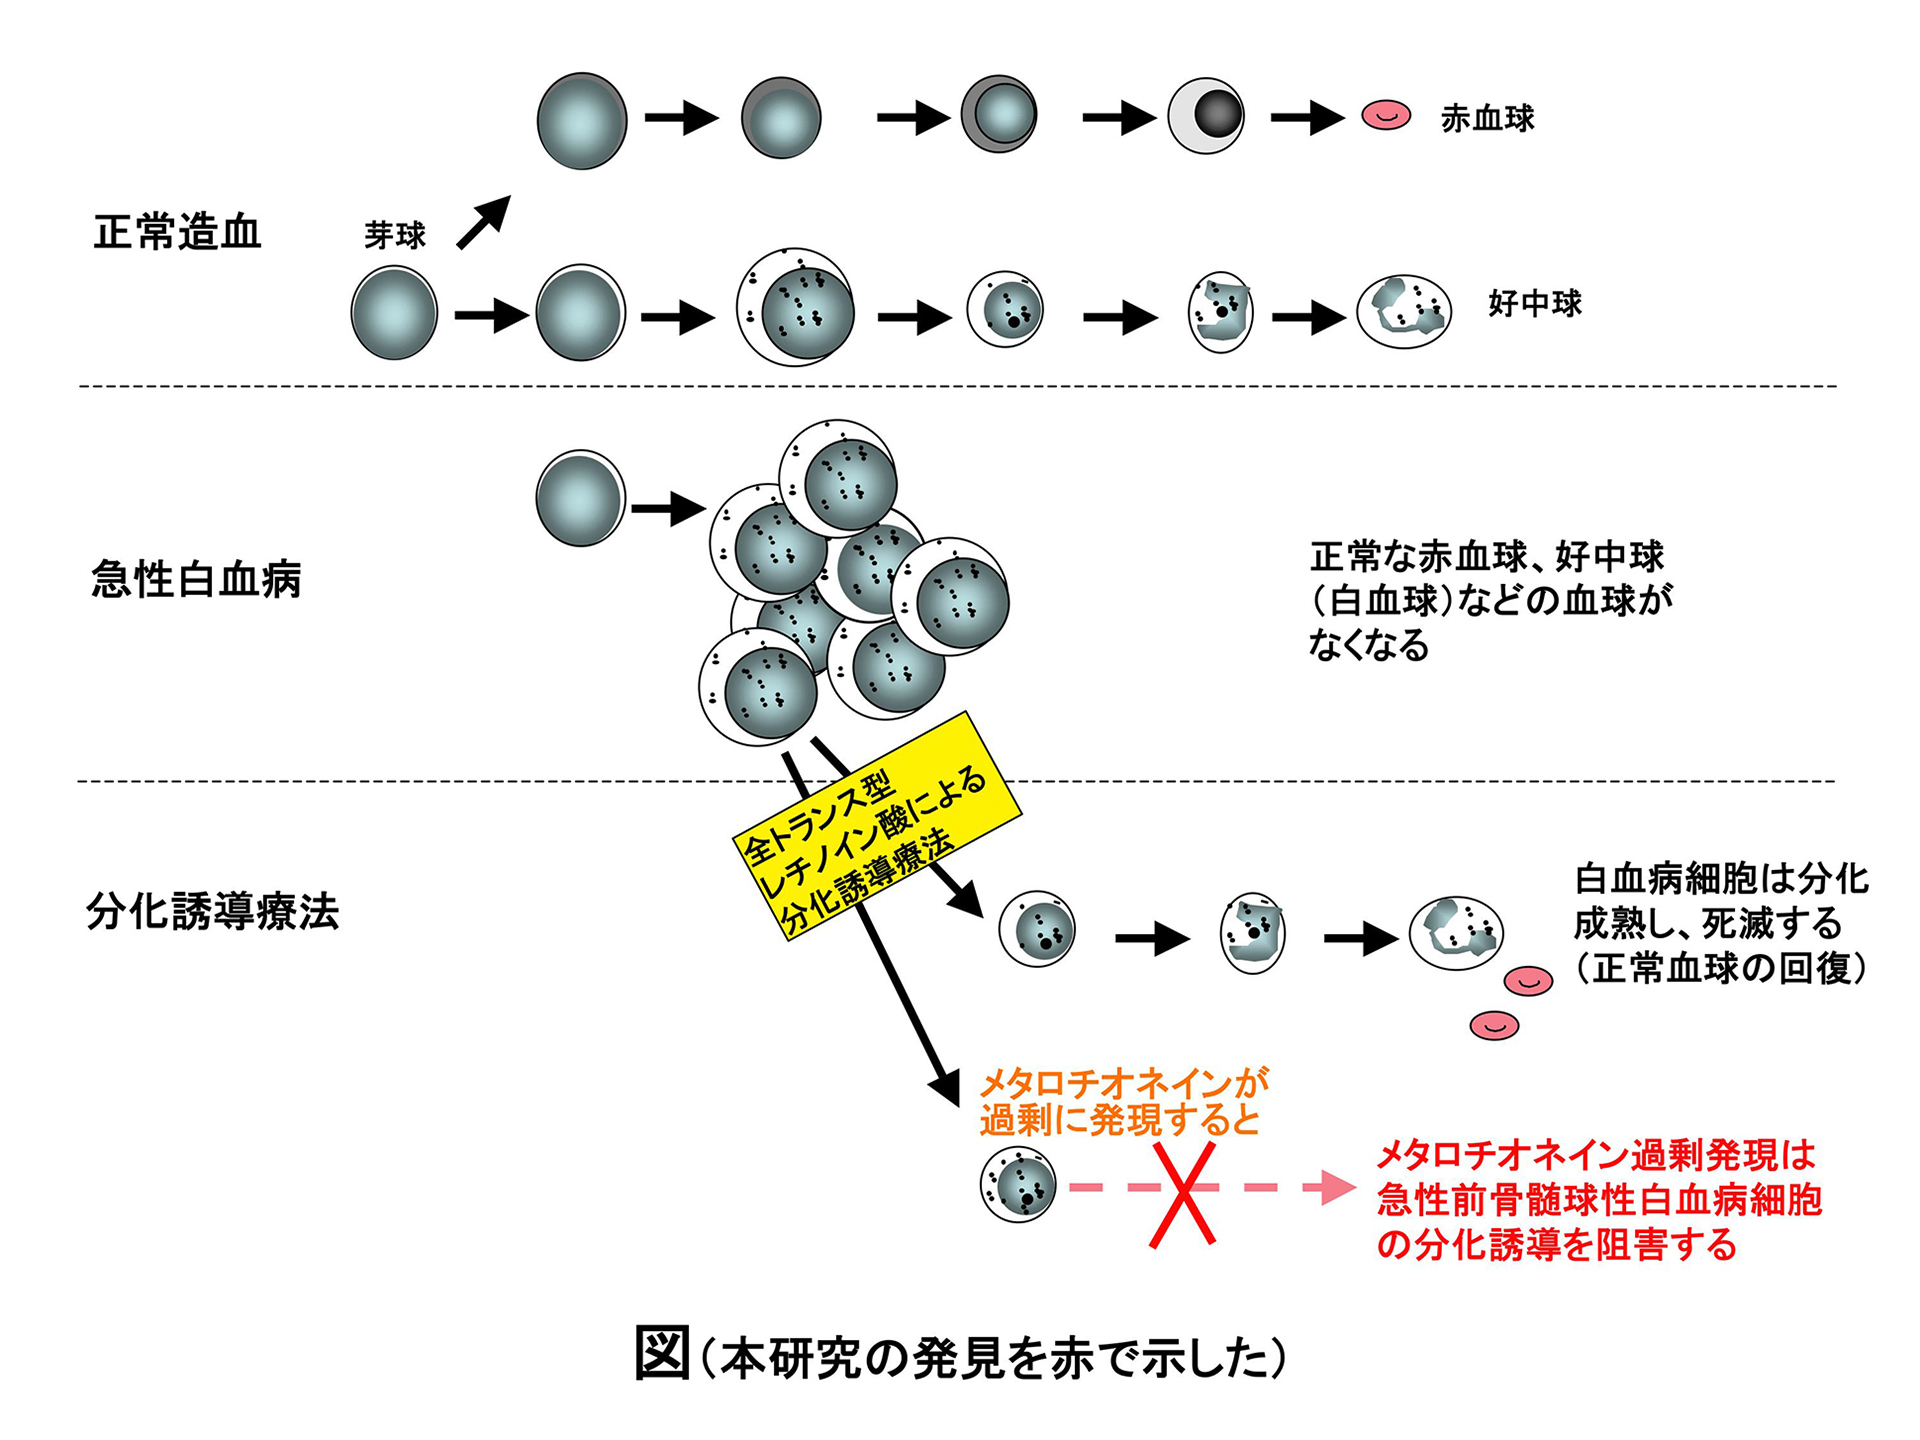 北里大学が顆粒球系細胞分化を制御する遺伝子を新たに同定 - 大学 ...